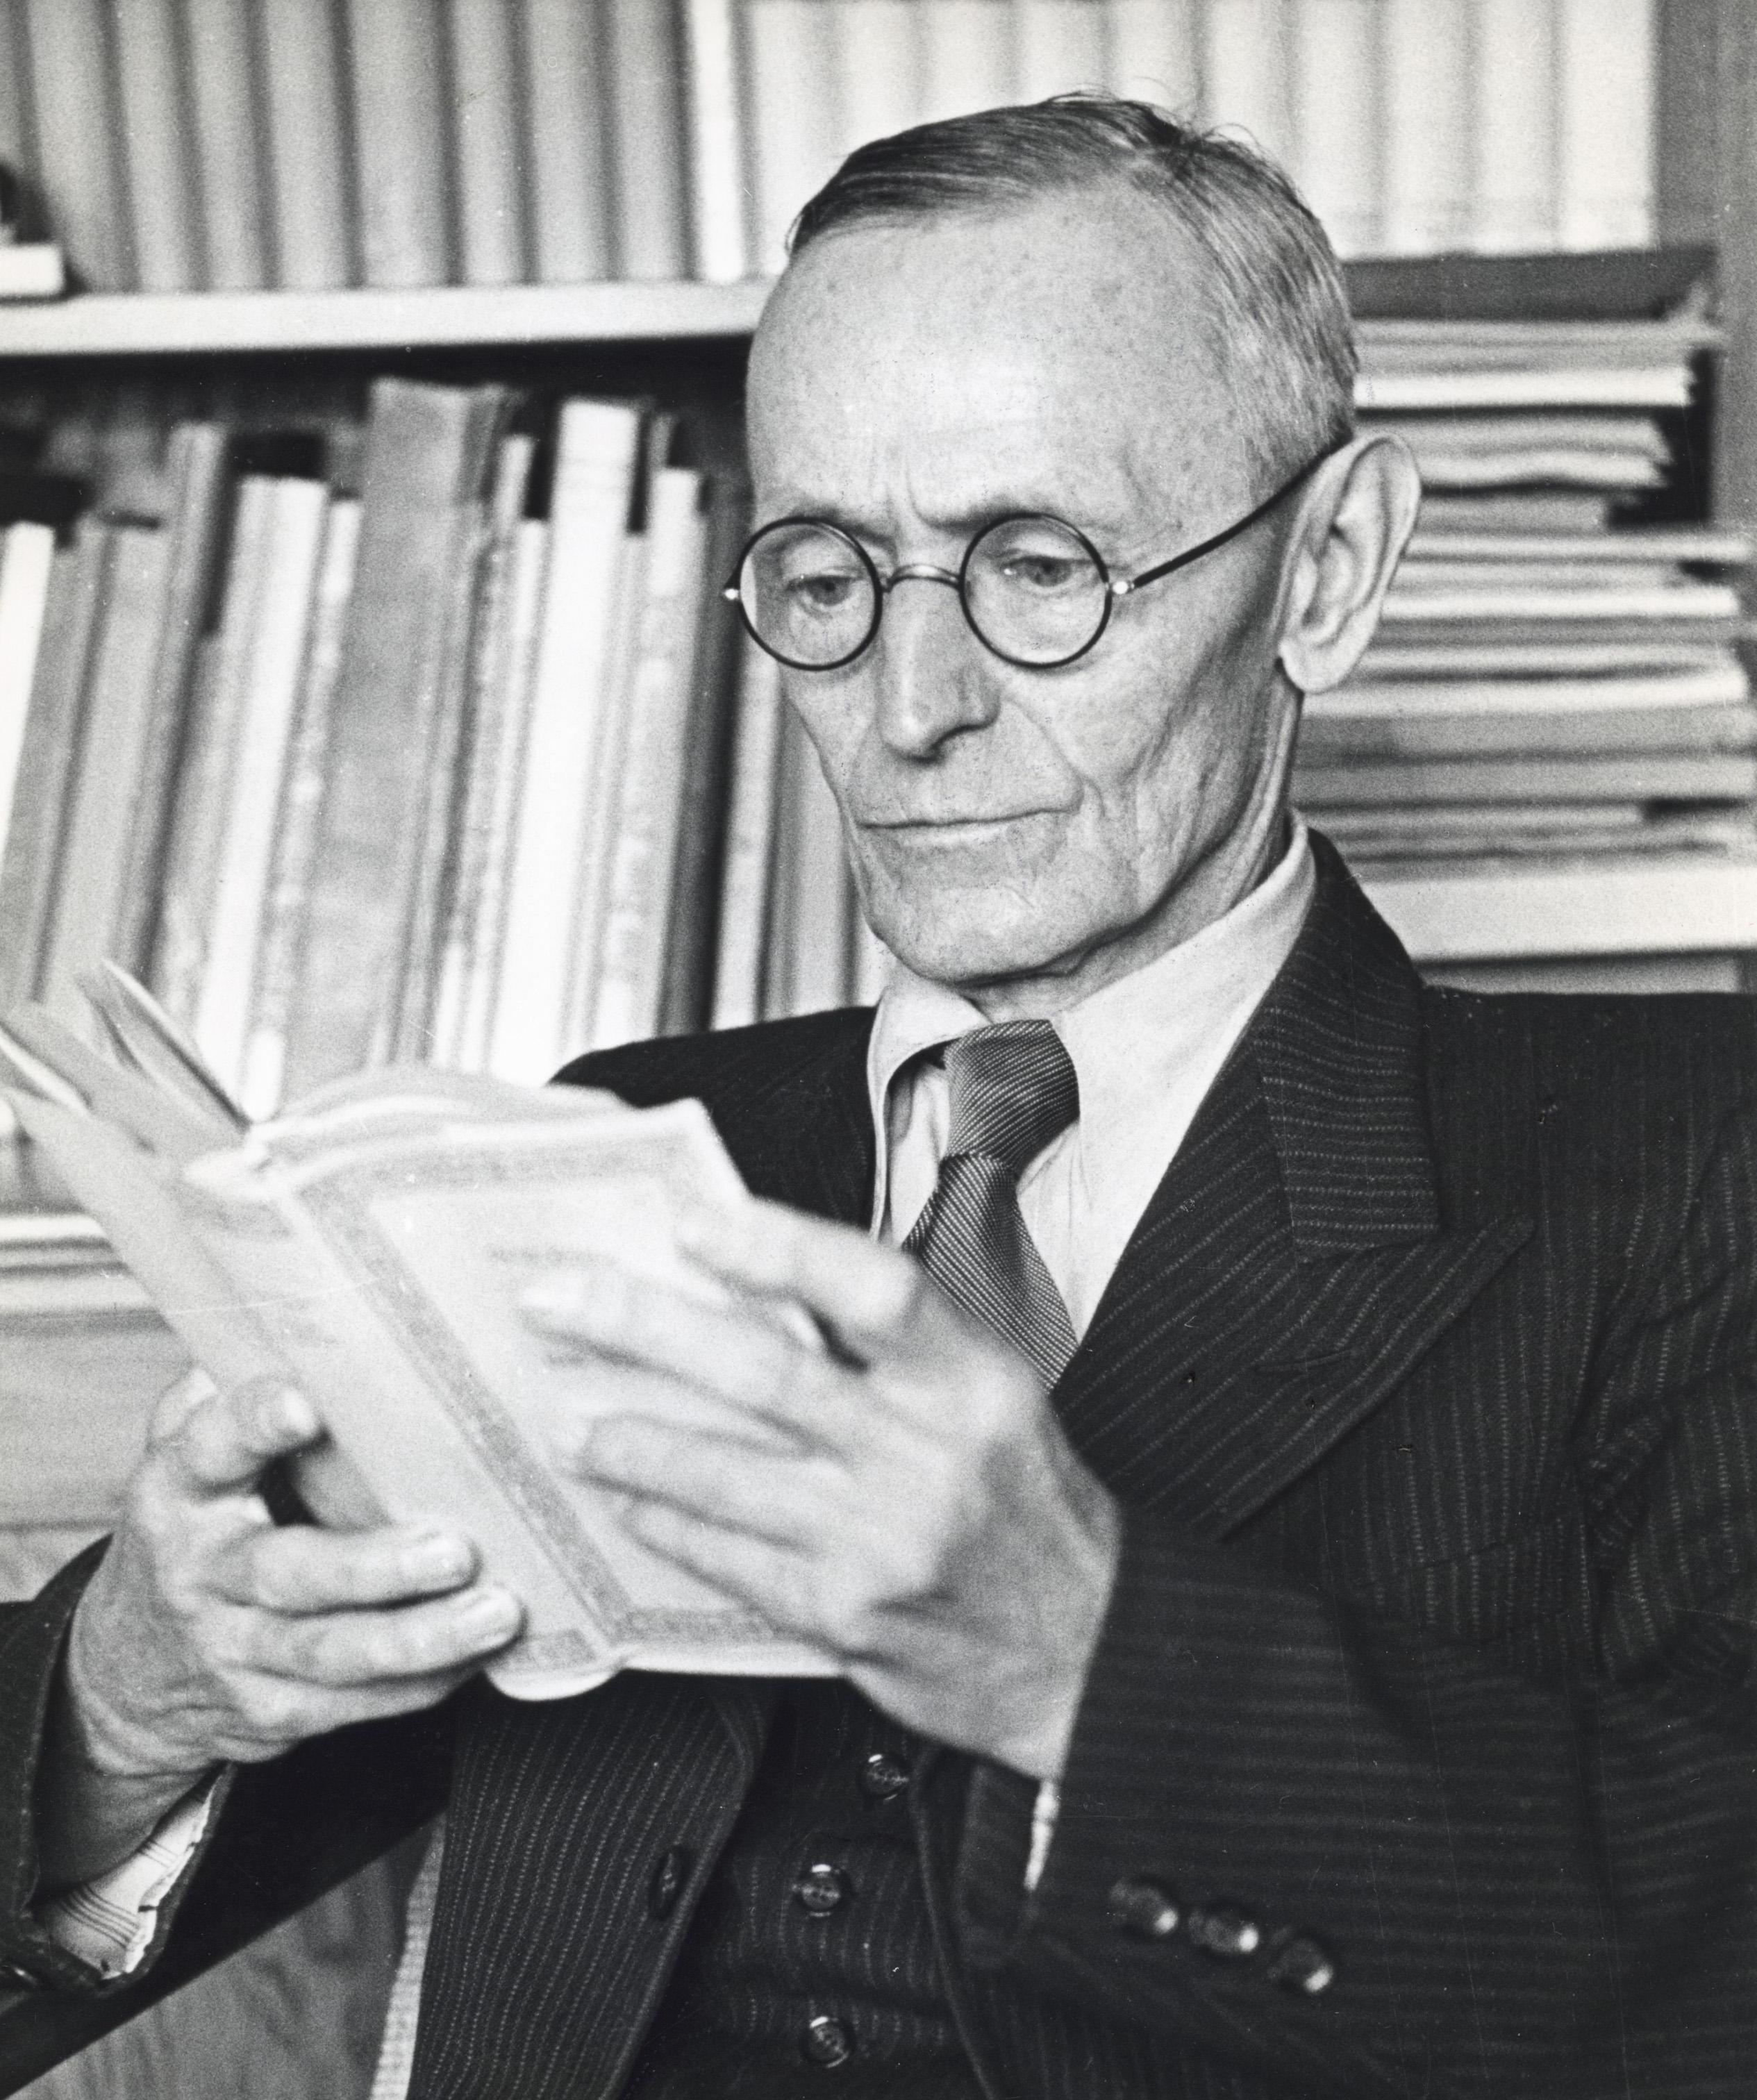 Veja o que saiu no Migalhas sobre Hermann Hesse